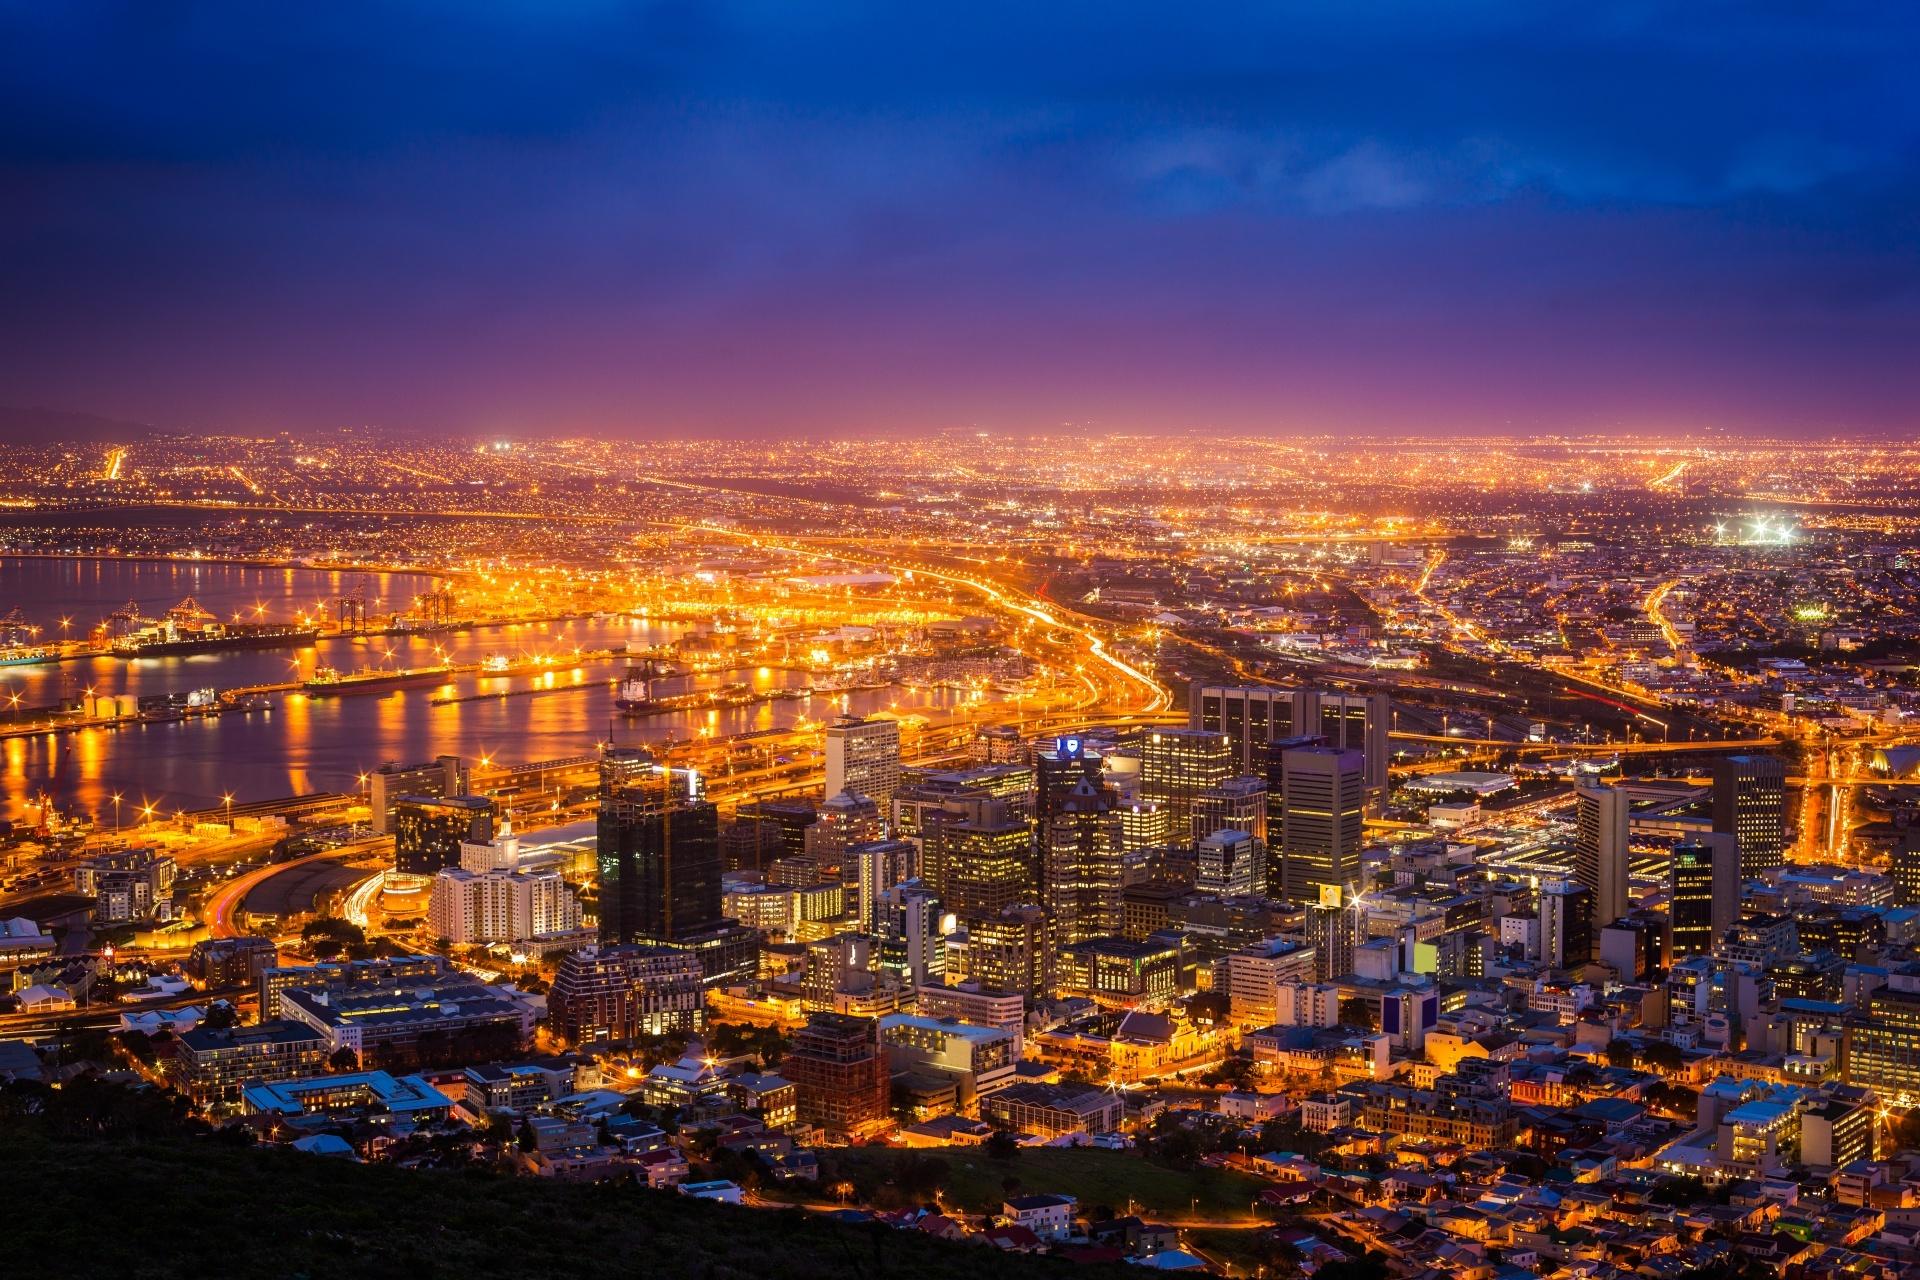 夜明けのケープタウンの風景 南アフリカの風景